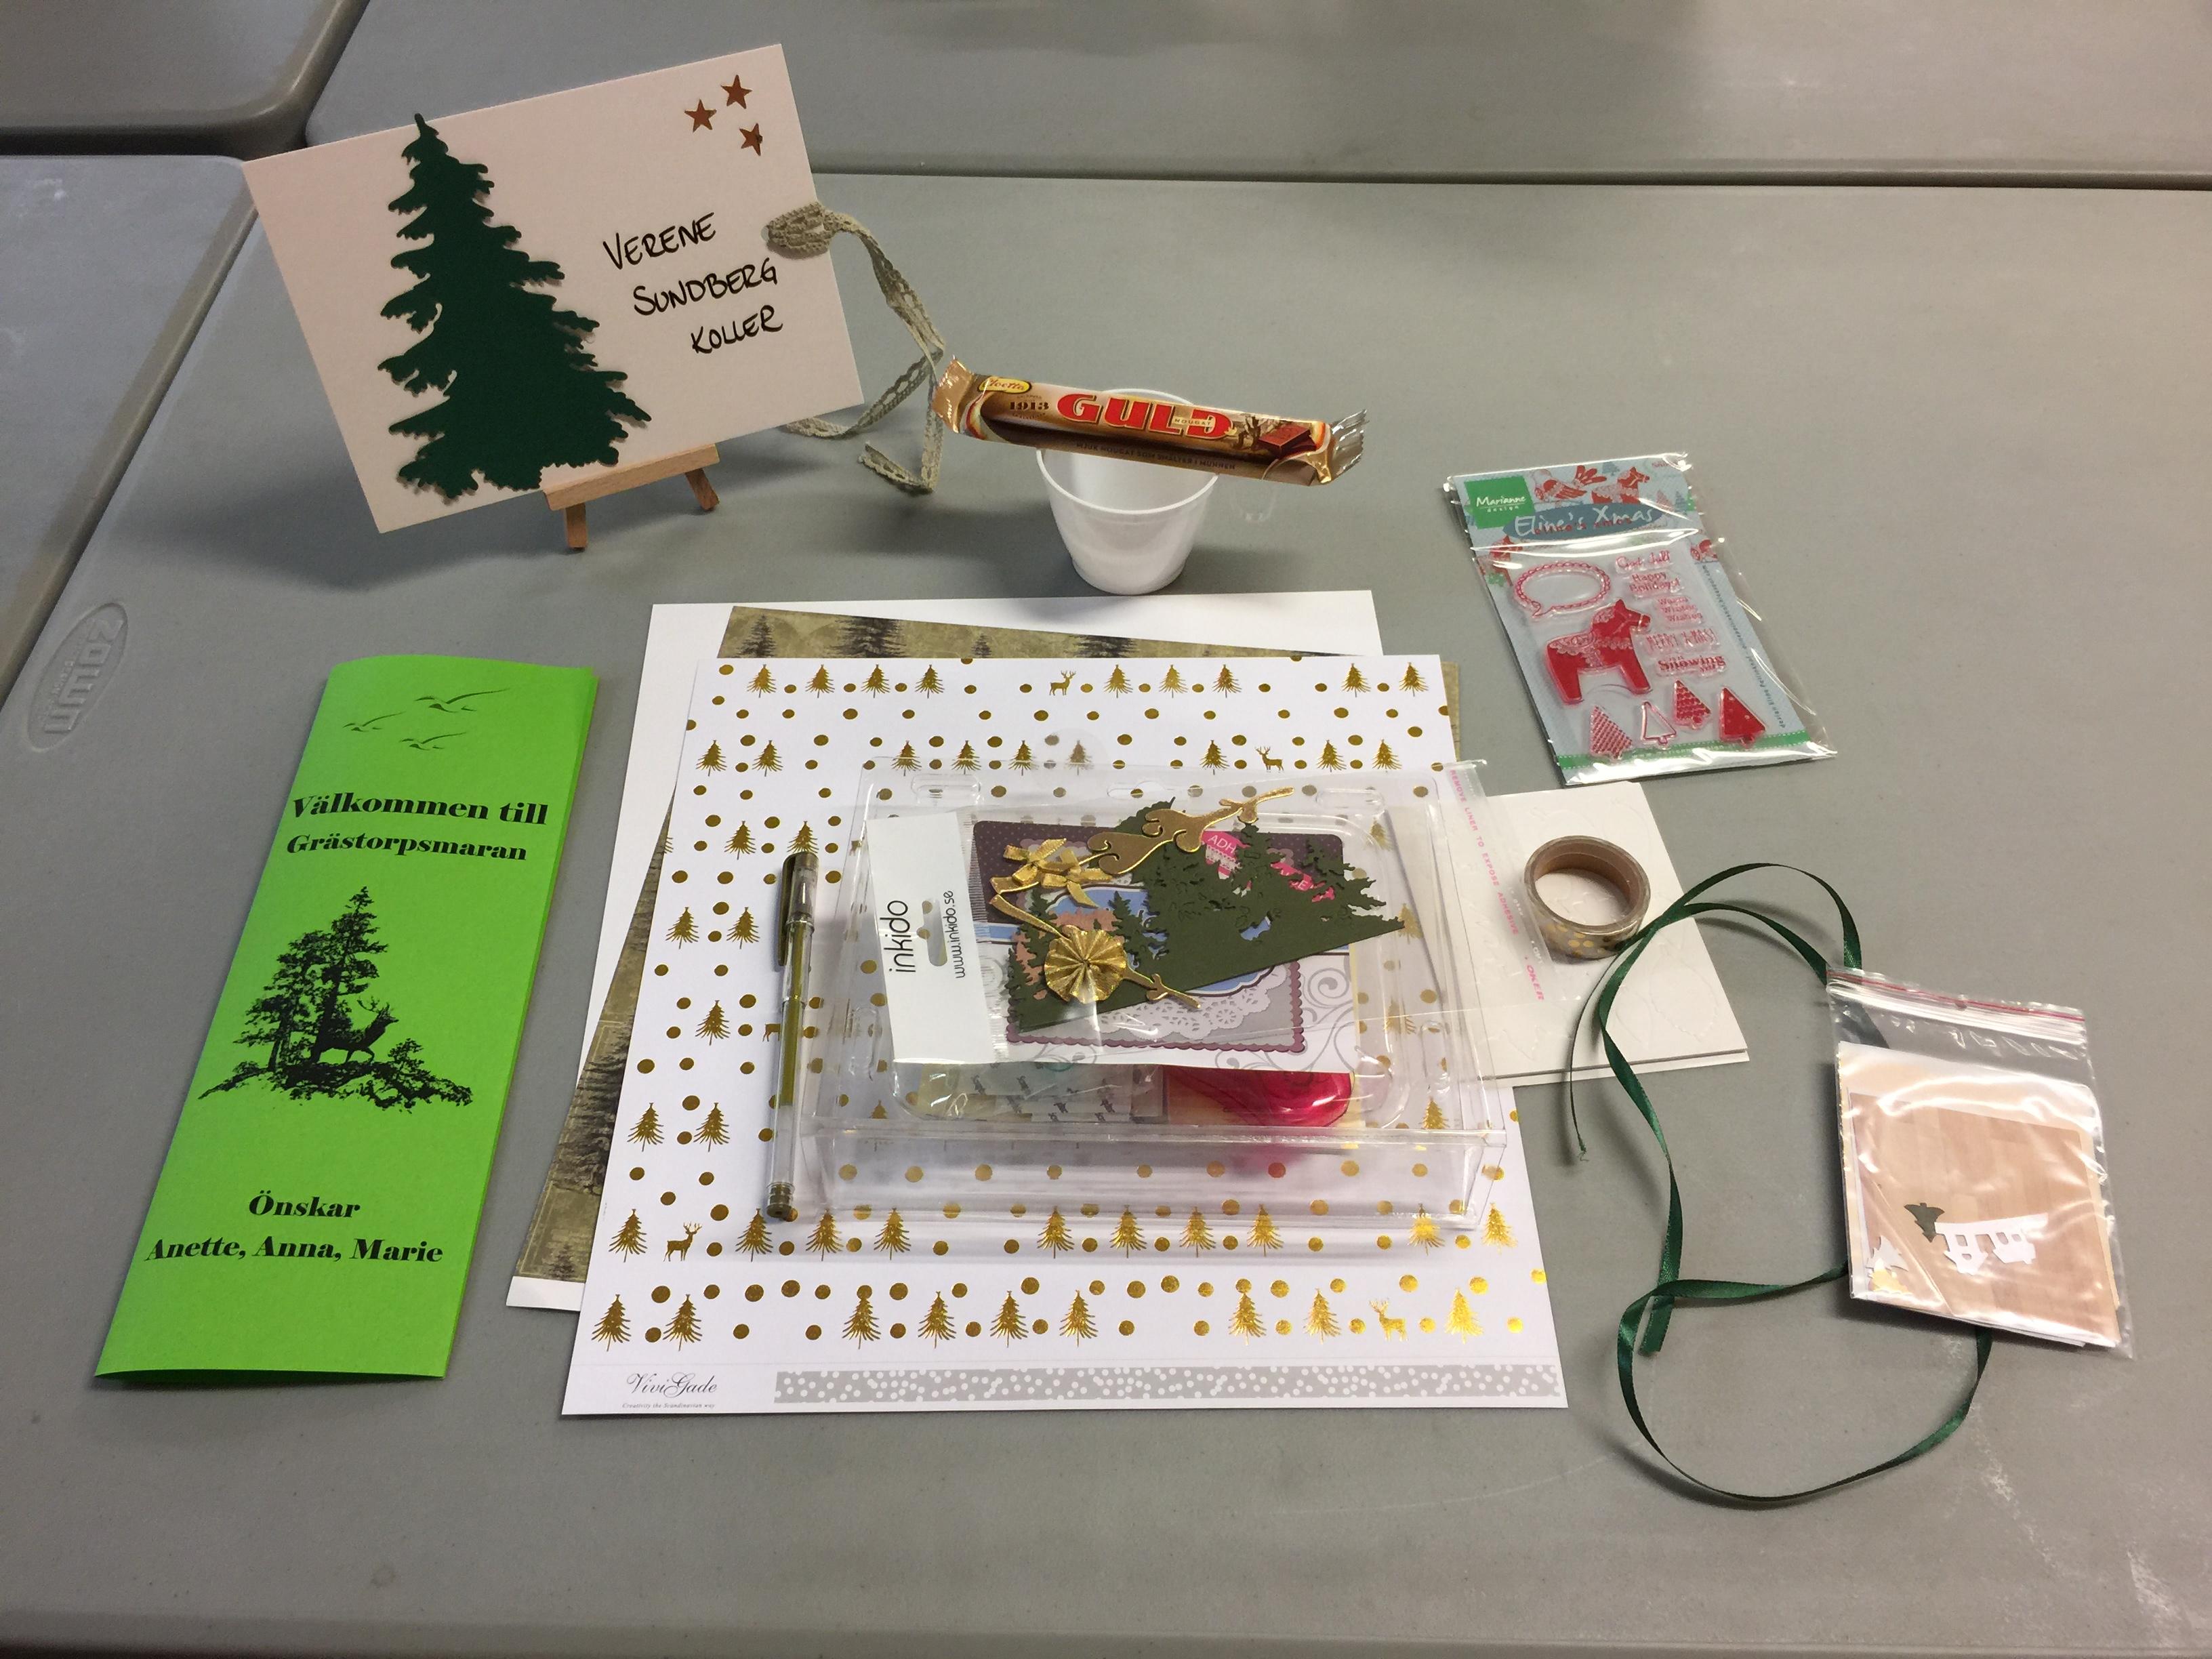 """Årets velkomst på Grästorpsmaran - temaet var """"Guld och gröna skogar"""""""